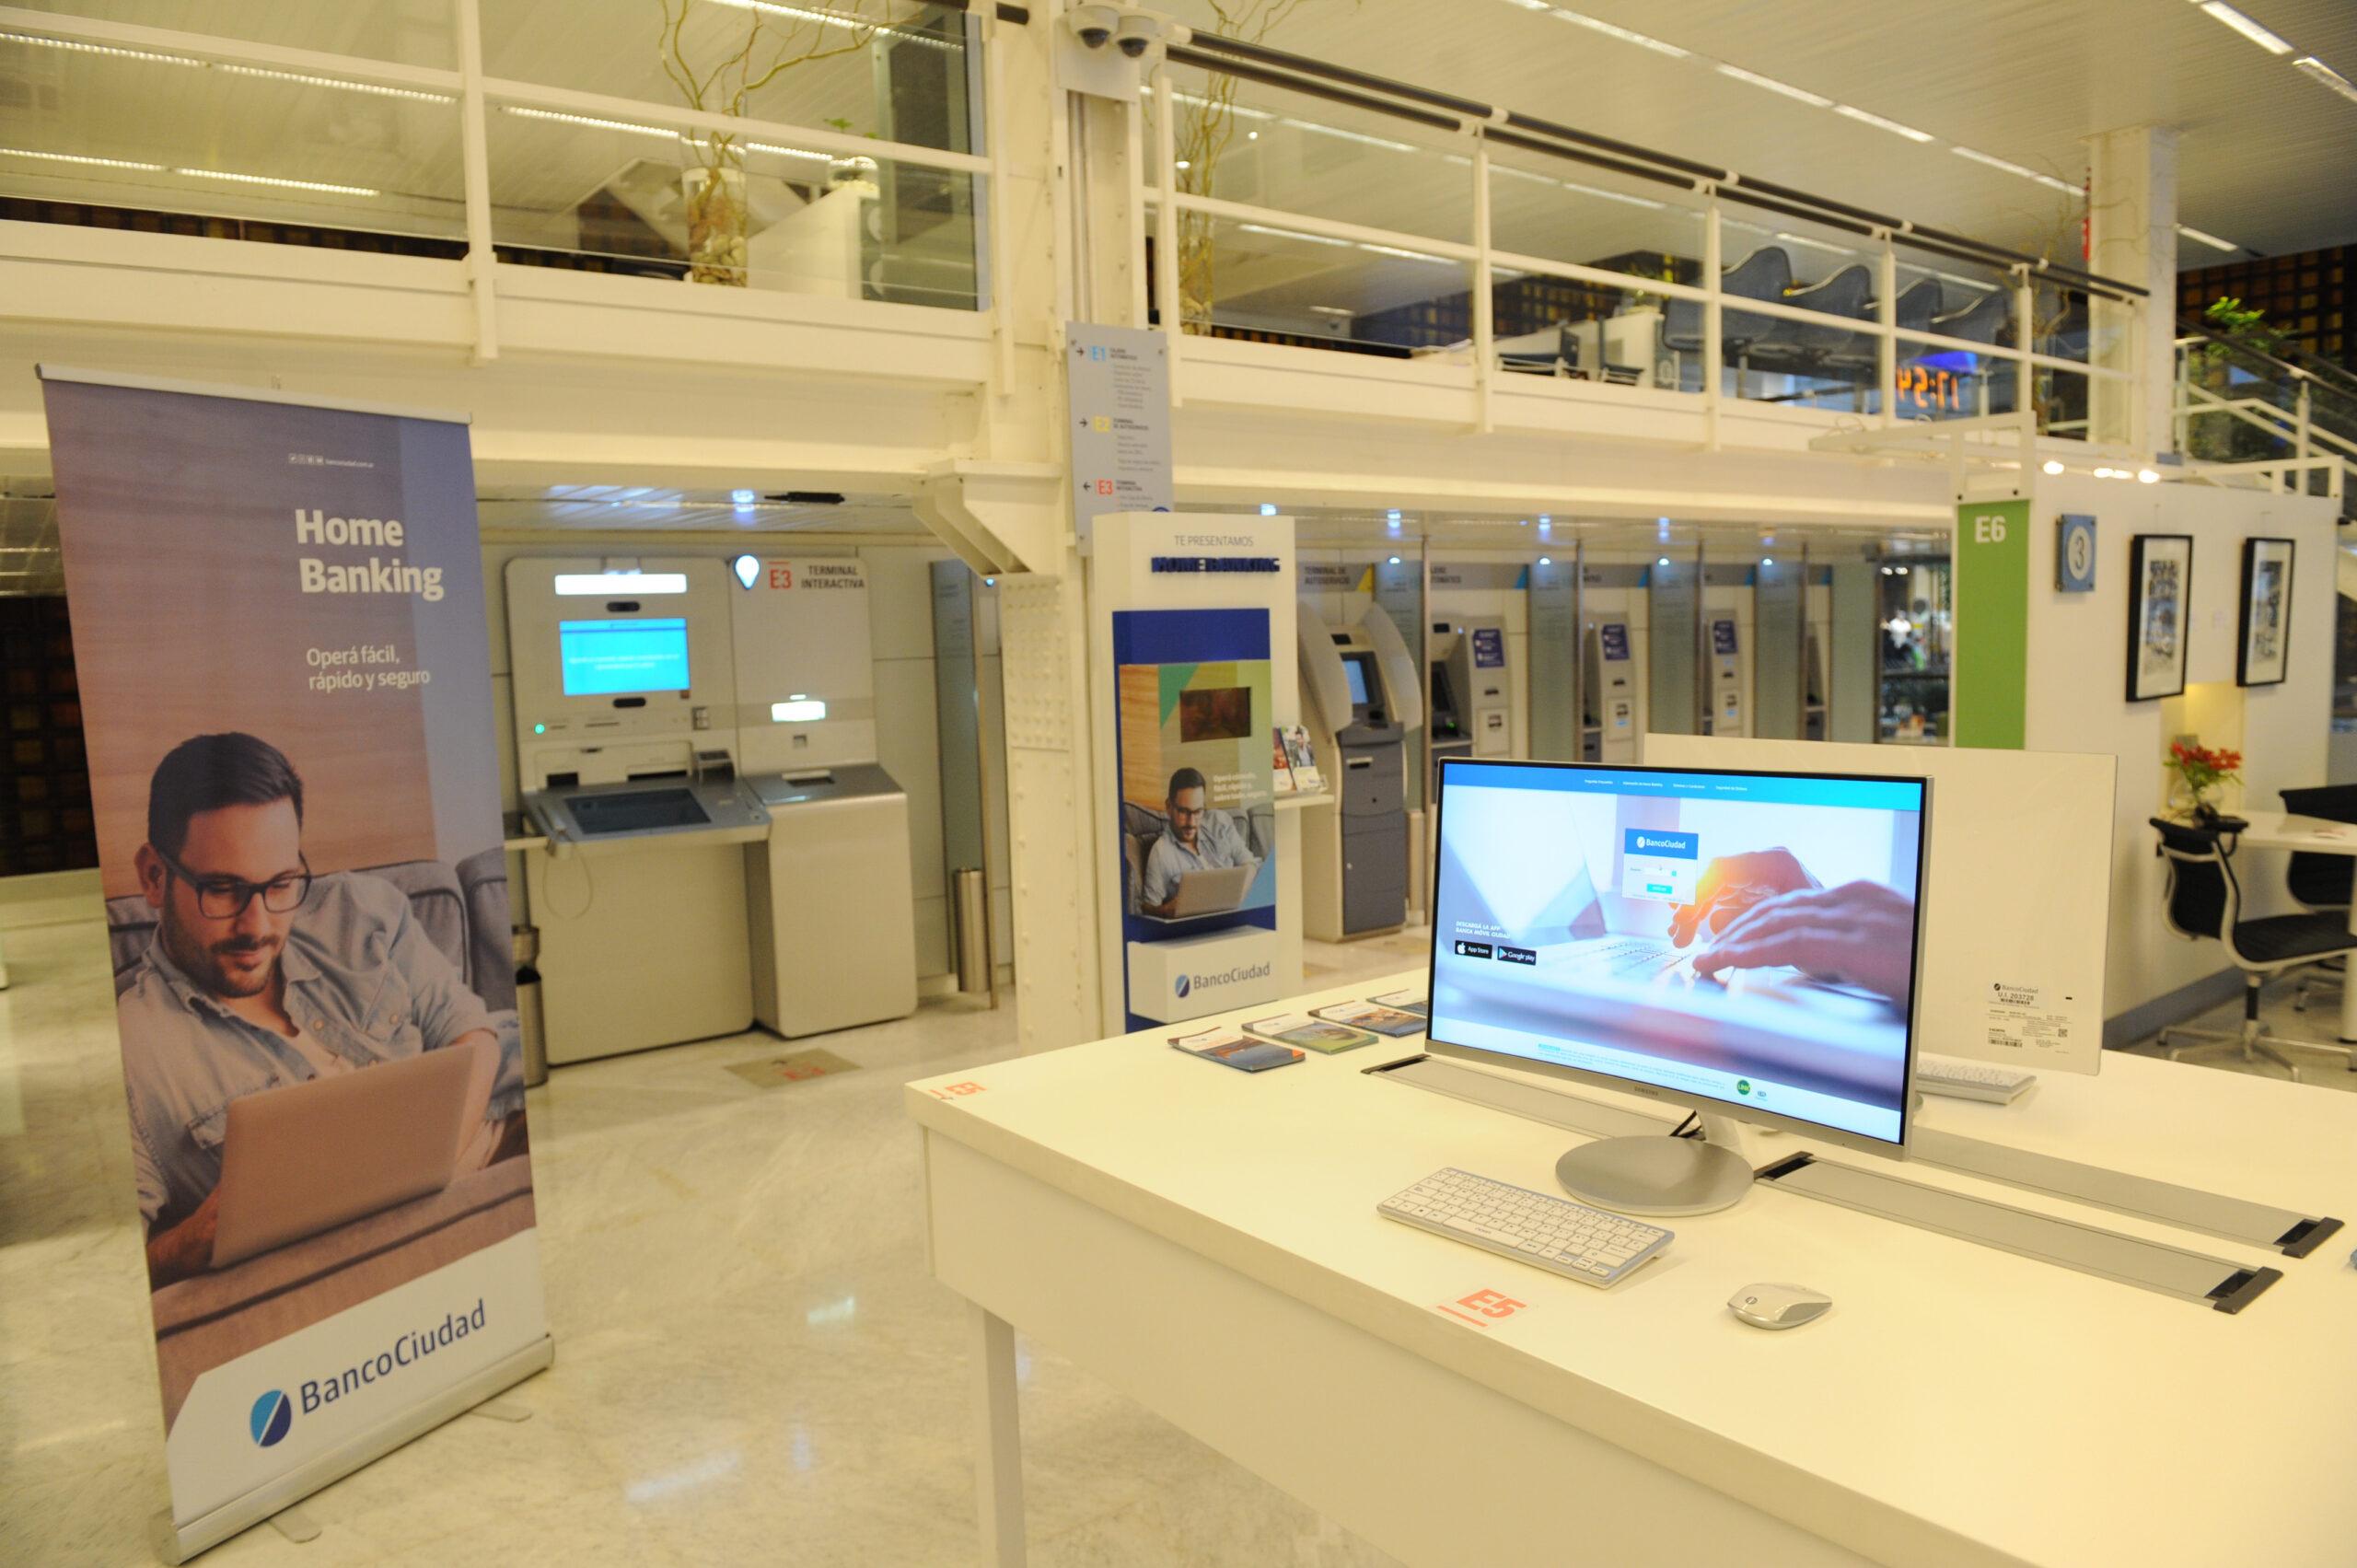 Banco Ciudad promueve los canales digitales